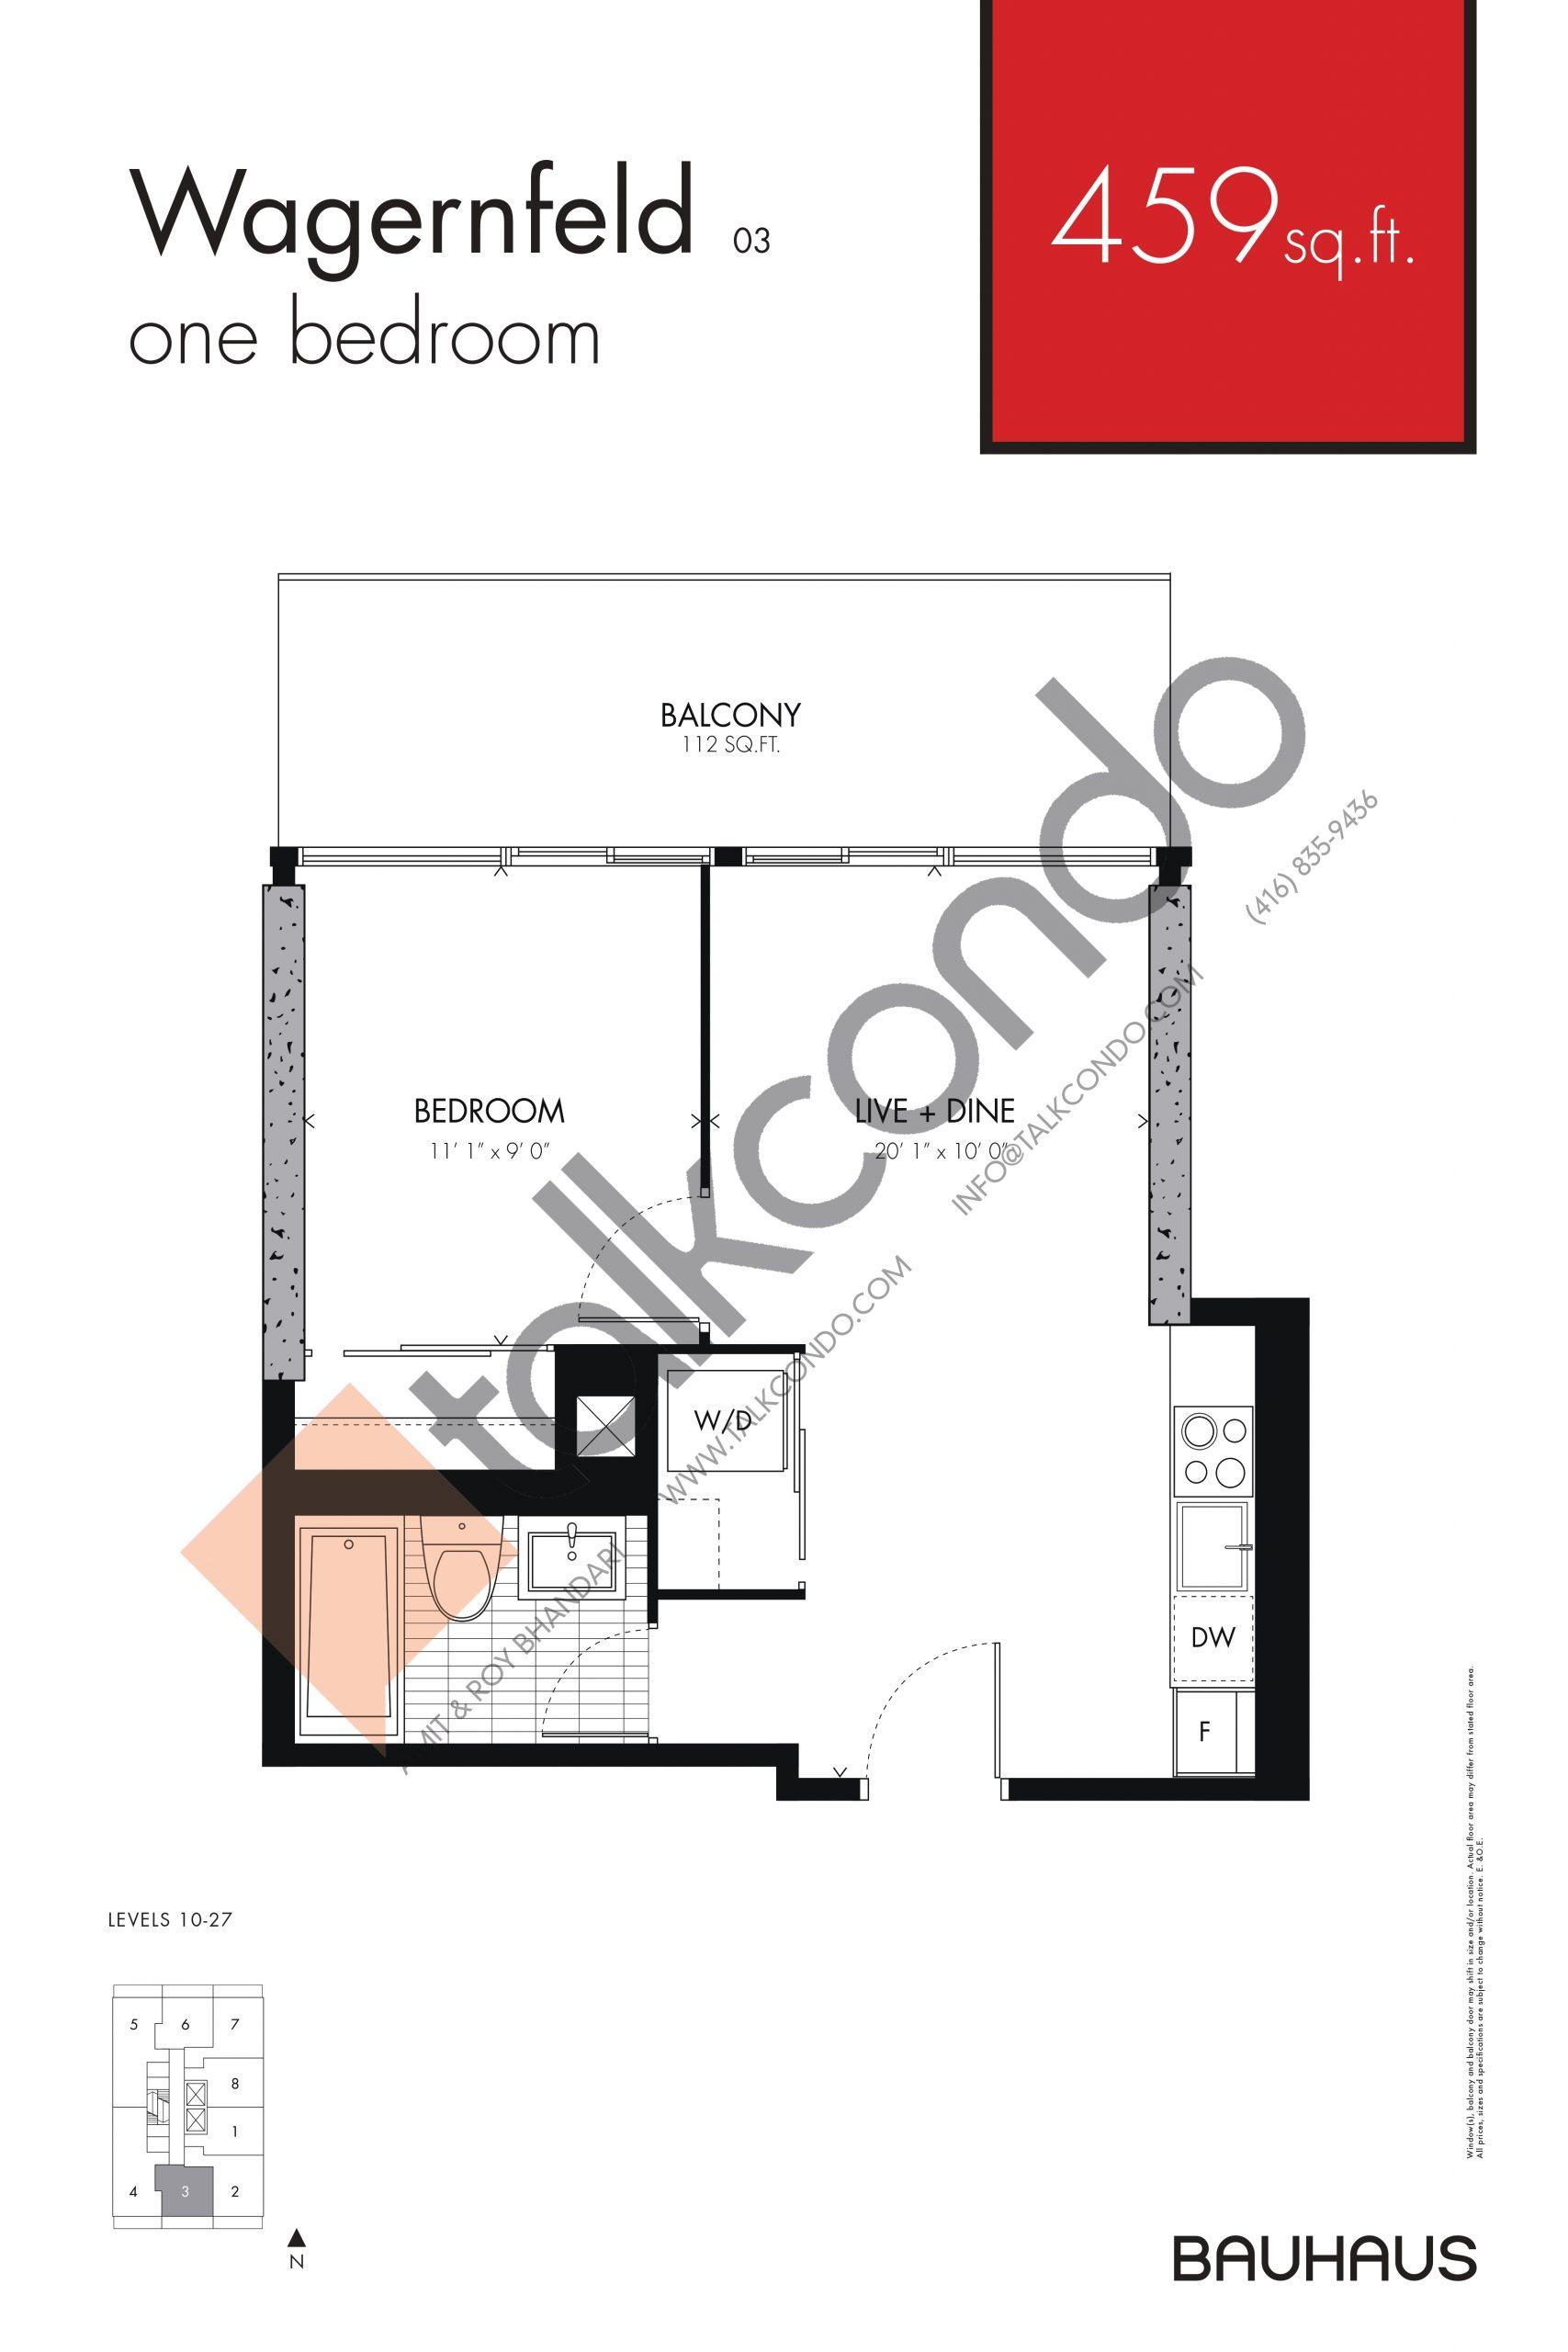 Wagernfeld Floor Plan at Bauhaus Condos - 459 sq.ft